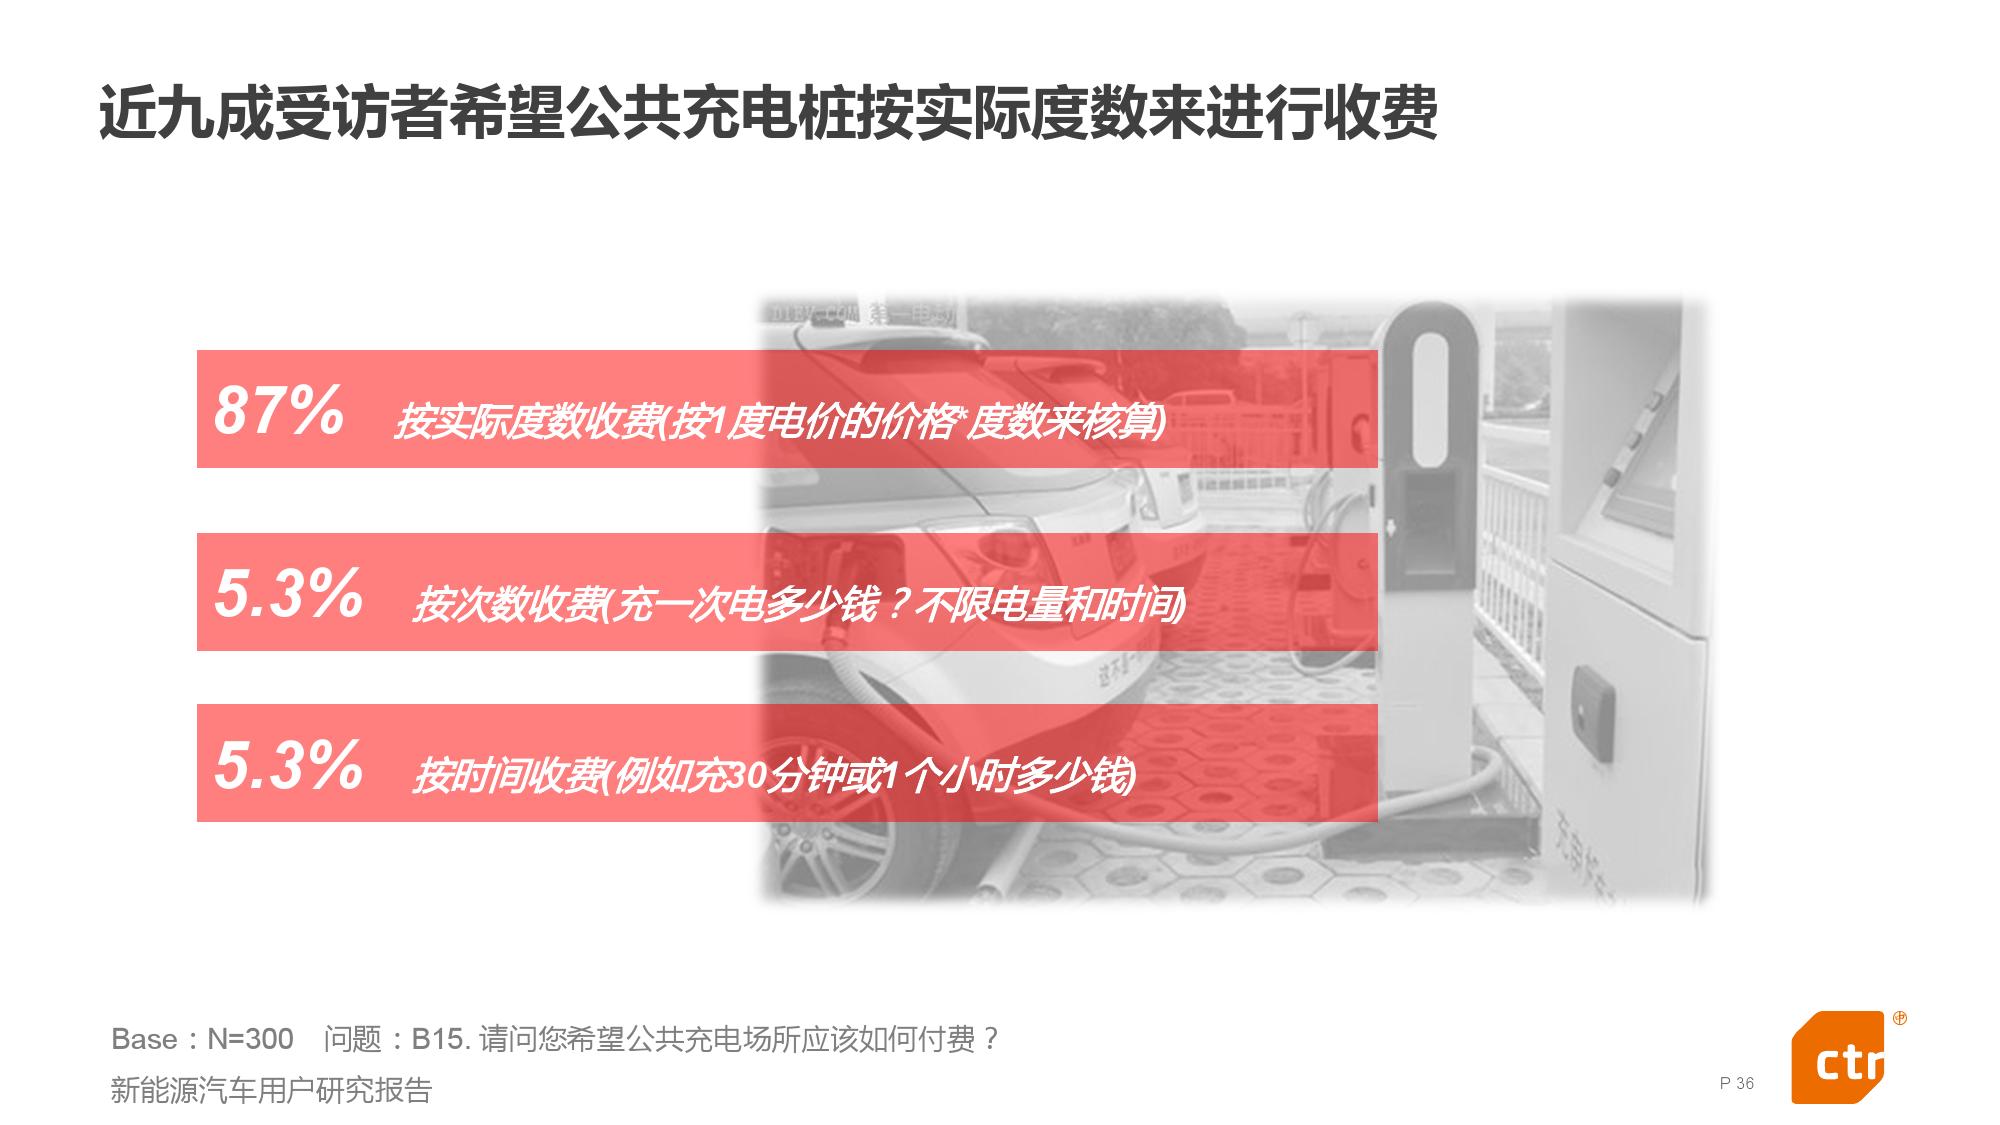 新能源汽车用户研究报告_000036